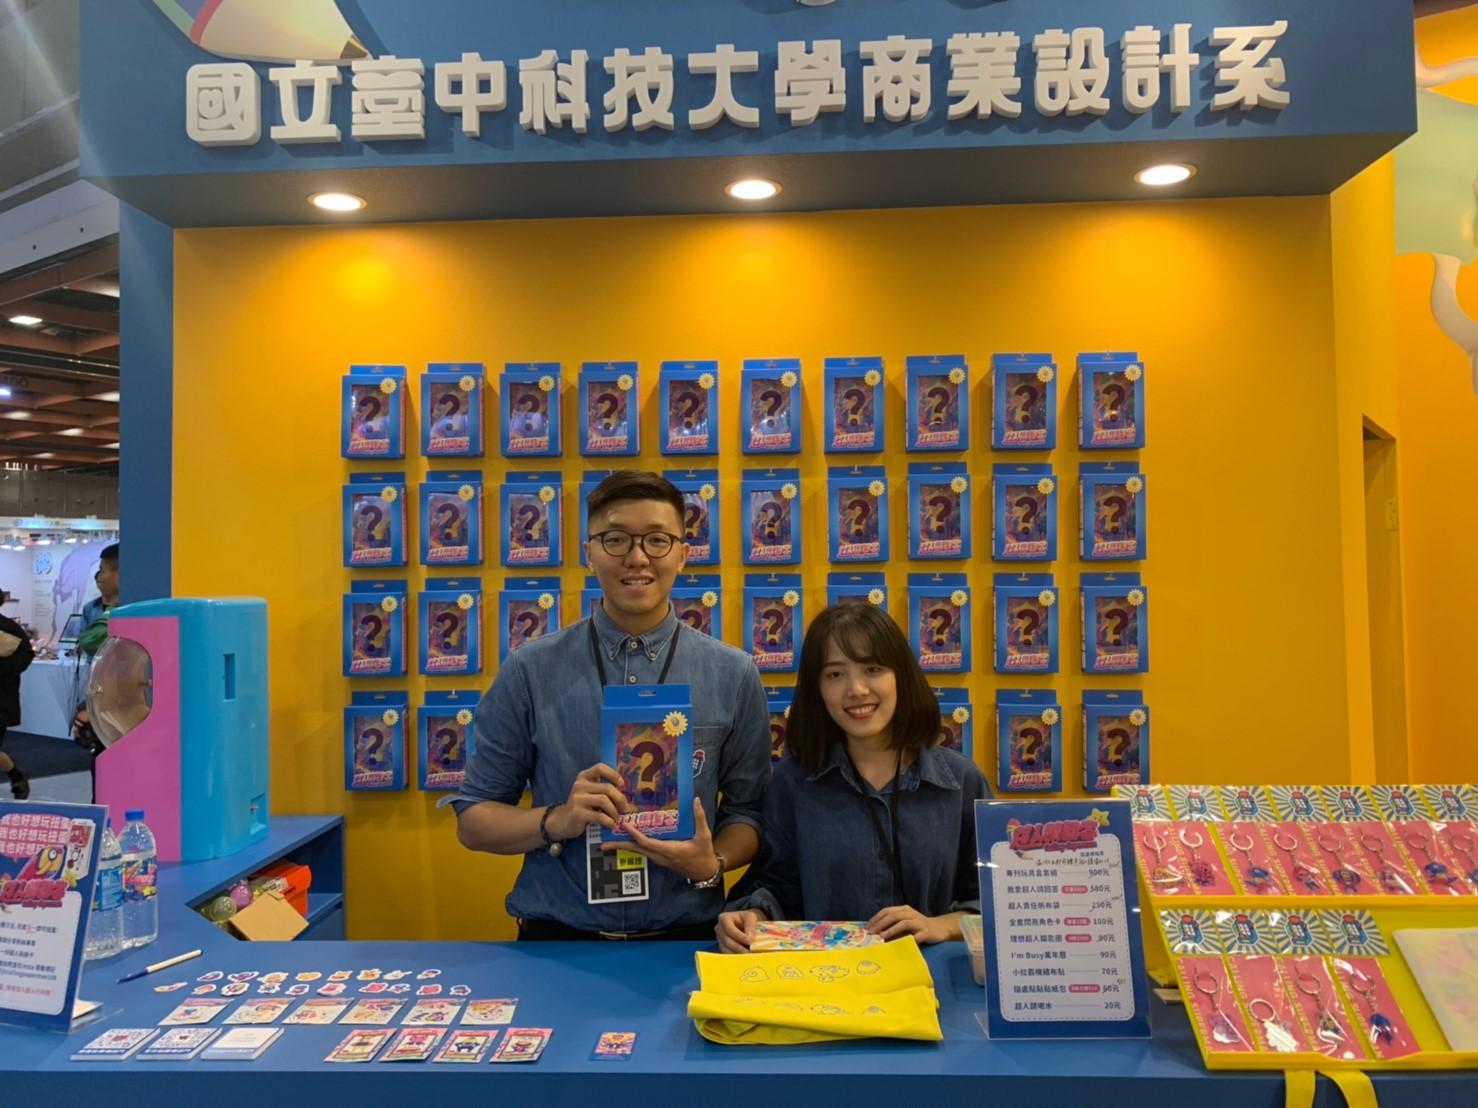 【2019新一代】國立臺中科技大學超人請回答-2019新一代設計展